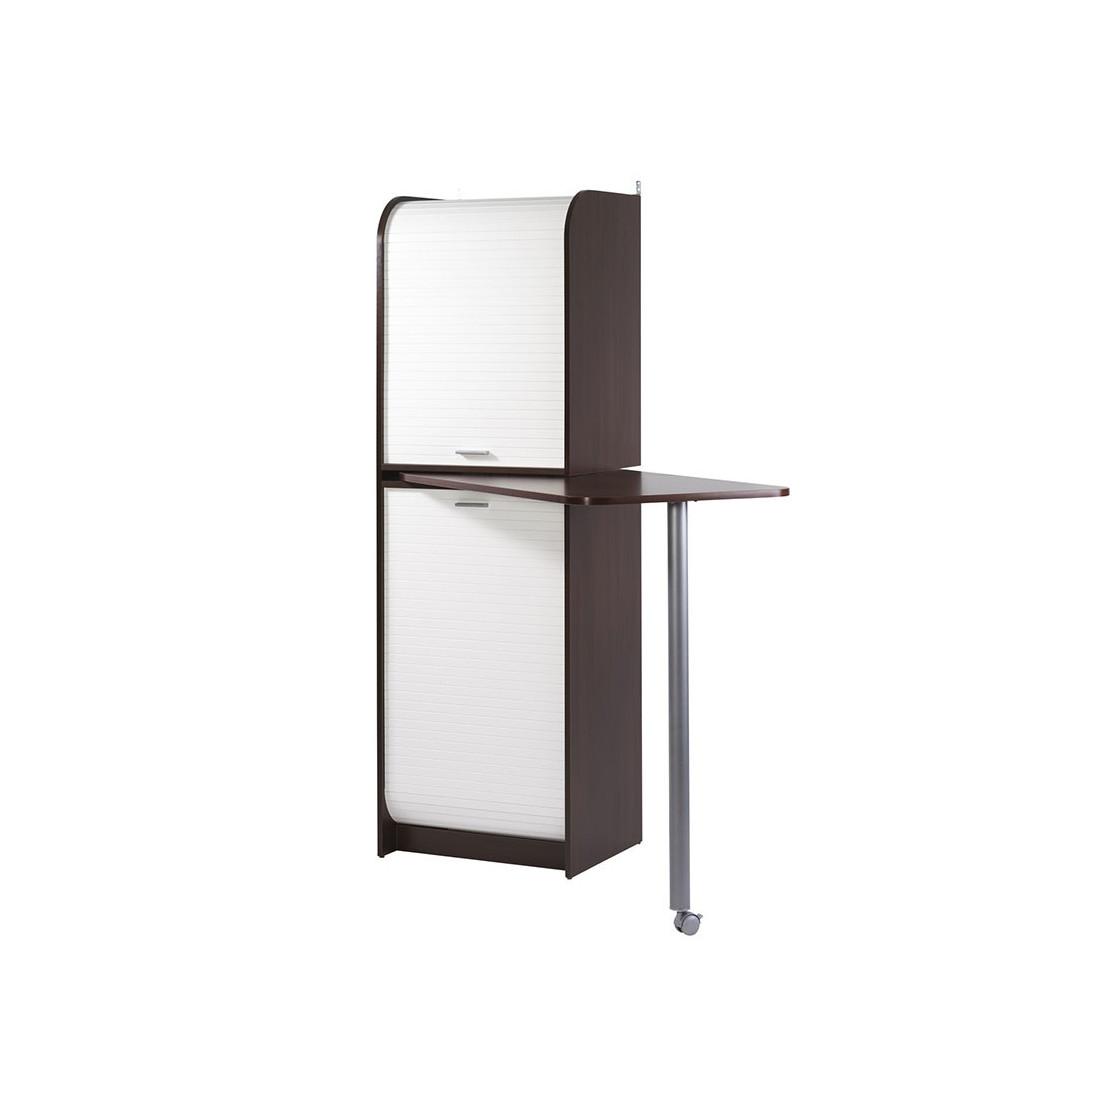 colonne de rangement plateau pivotant weng vina univers cuisine. Black Bedroom Furniture Sets. Home Design Ideas